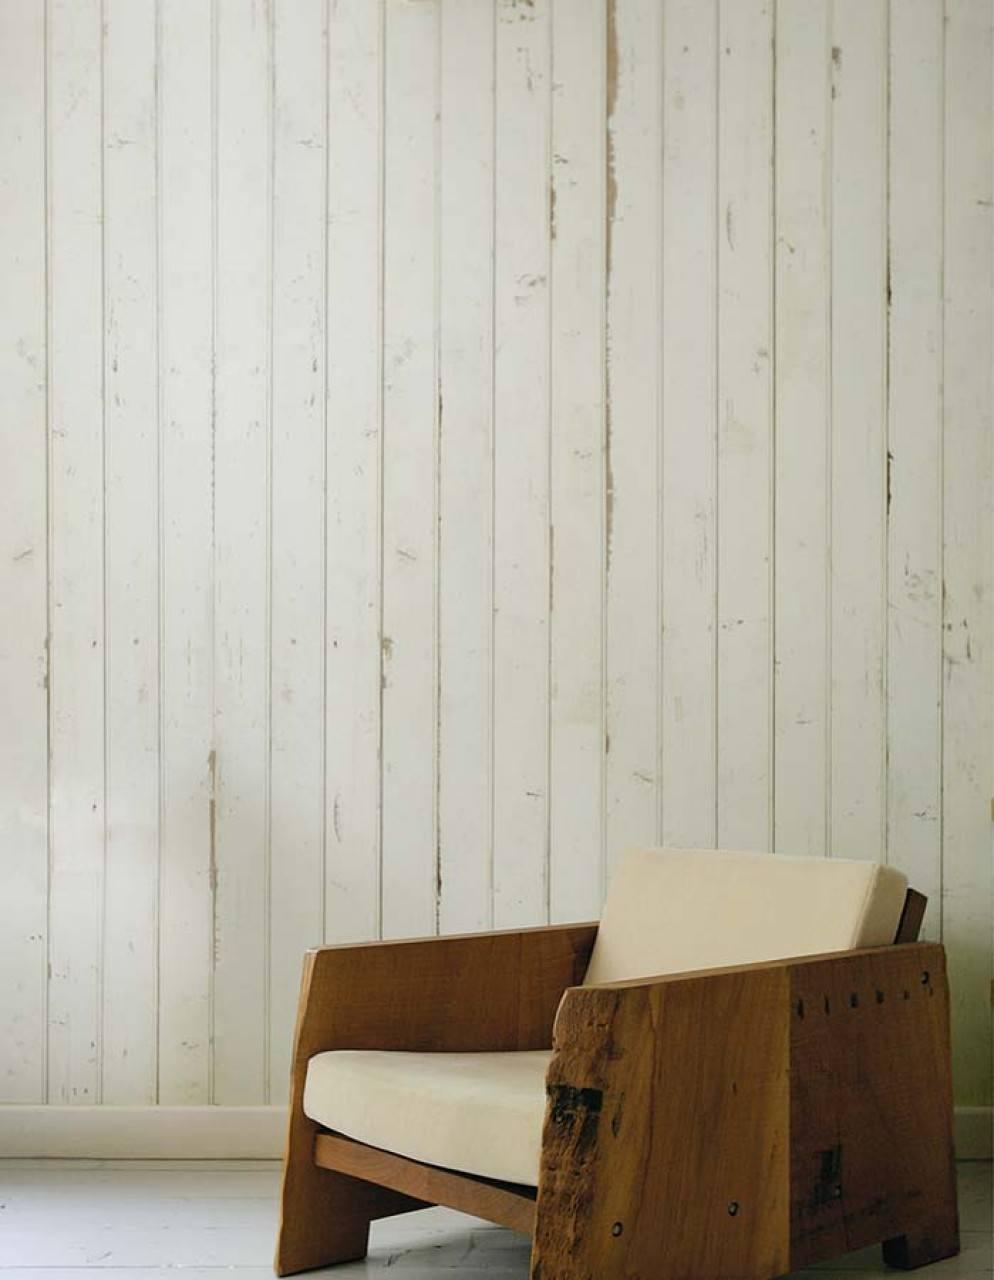 Full Size of Landküche Wandtattoo Küche Holz Weiß Sprüche Für Die Fototapete Schlafzimmer Umziehen Planen Kostenlos Fliesenspiegel Glas Hängeschränke Raffrollo Wohnzimmer Retro Tapete Küche